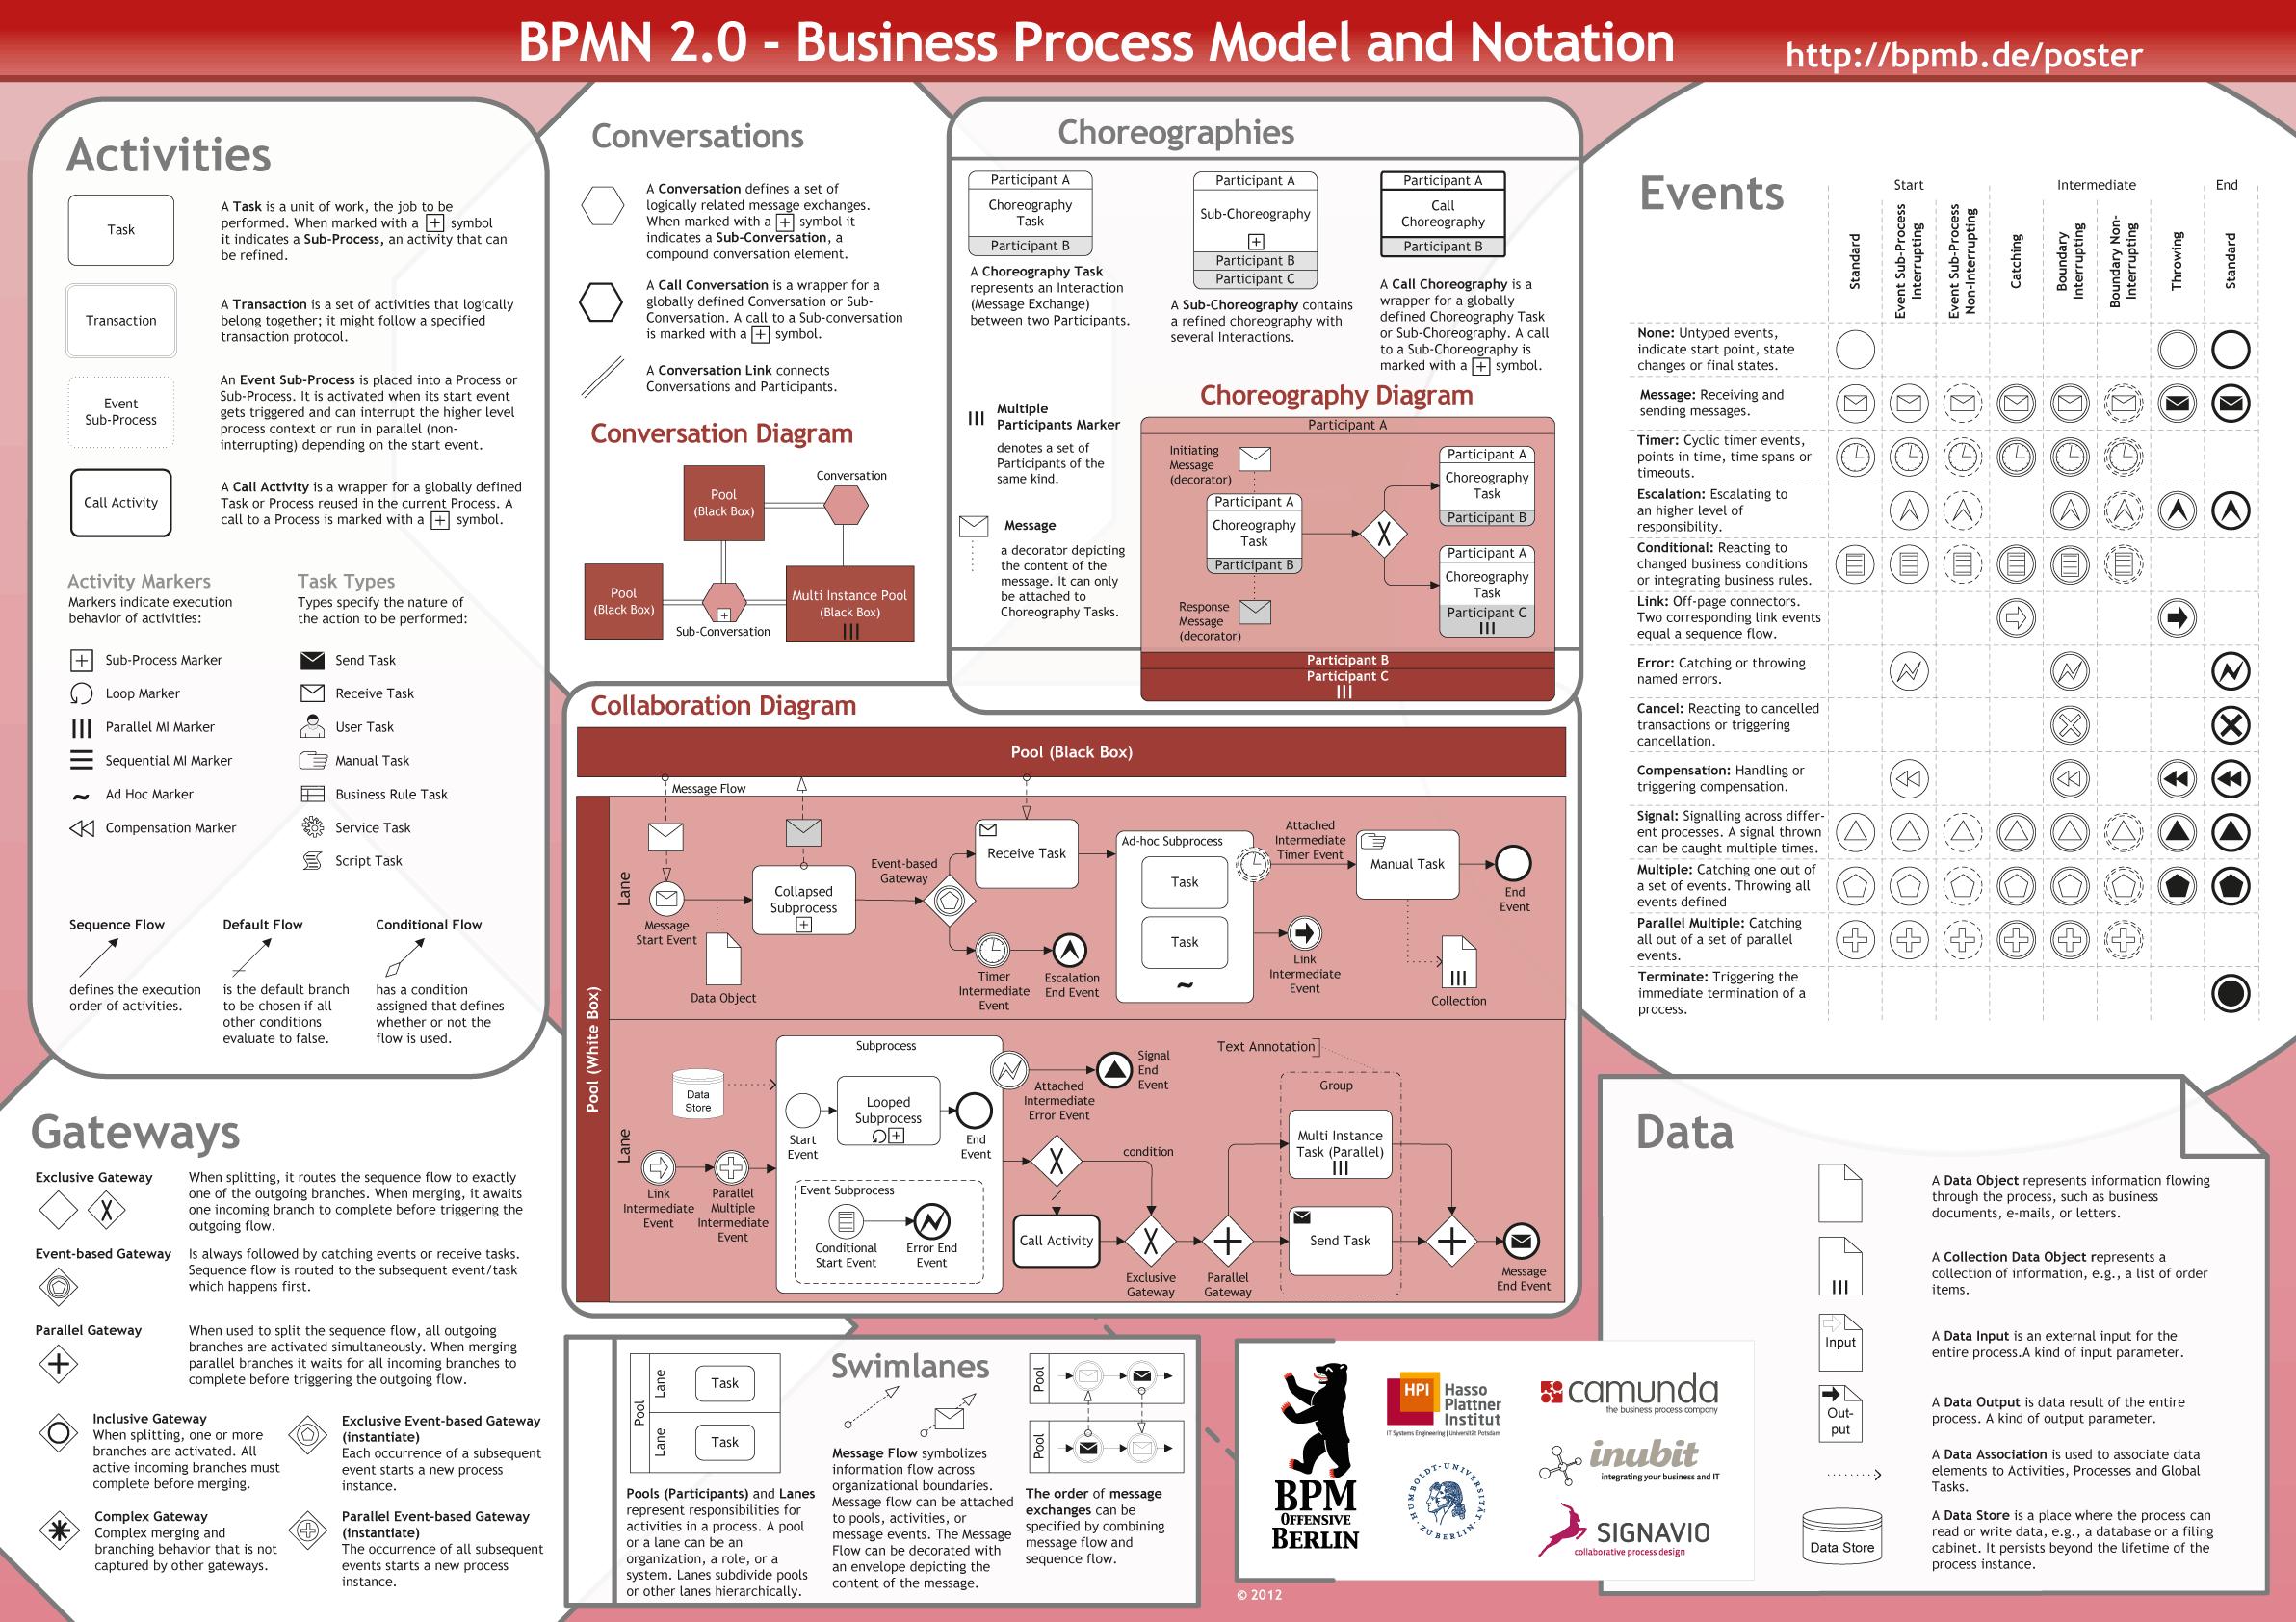 BPMN 2.0 Poster - Preview